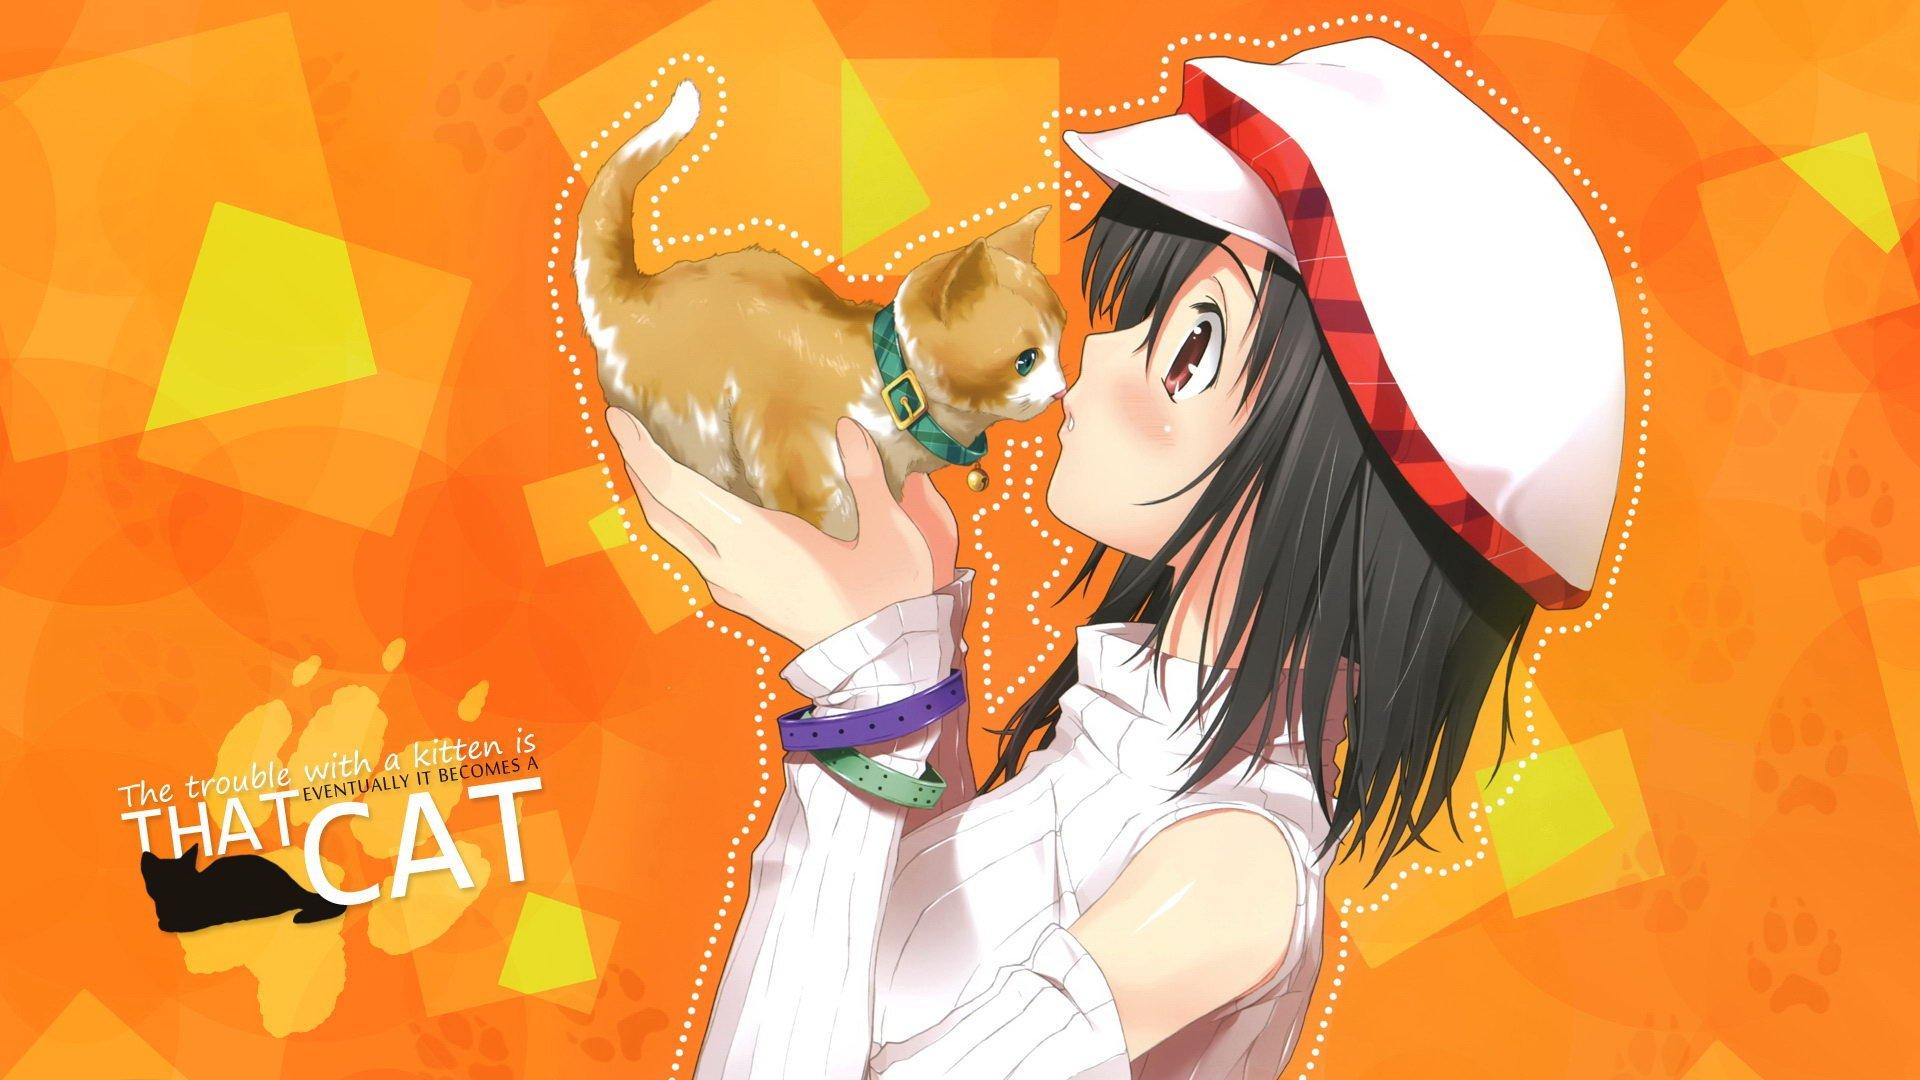 Anime Catgirl Hd Wallpaper Anime Wallpaper Better 1920x1080